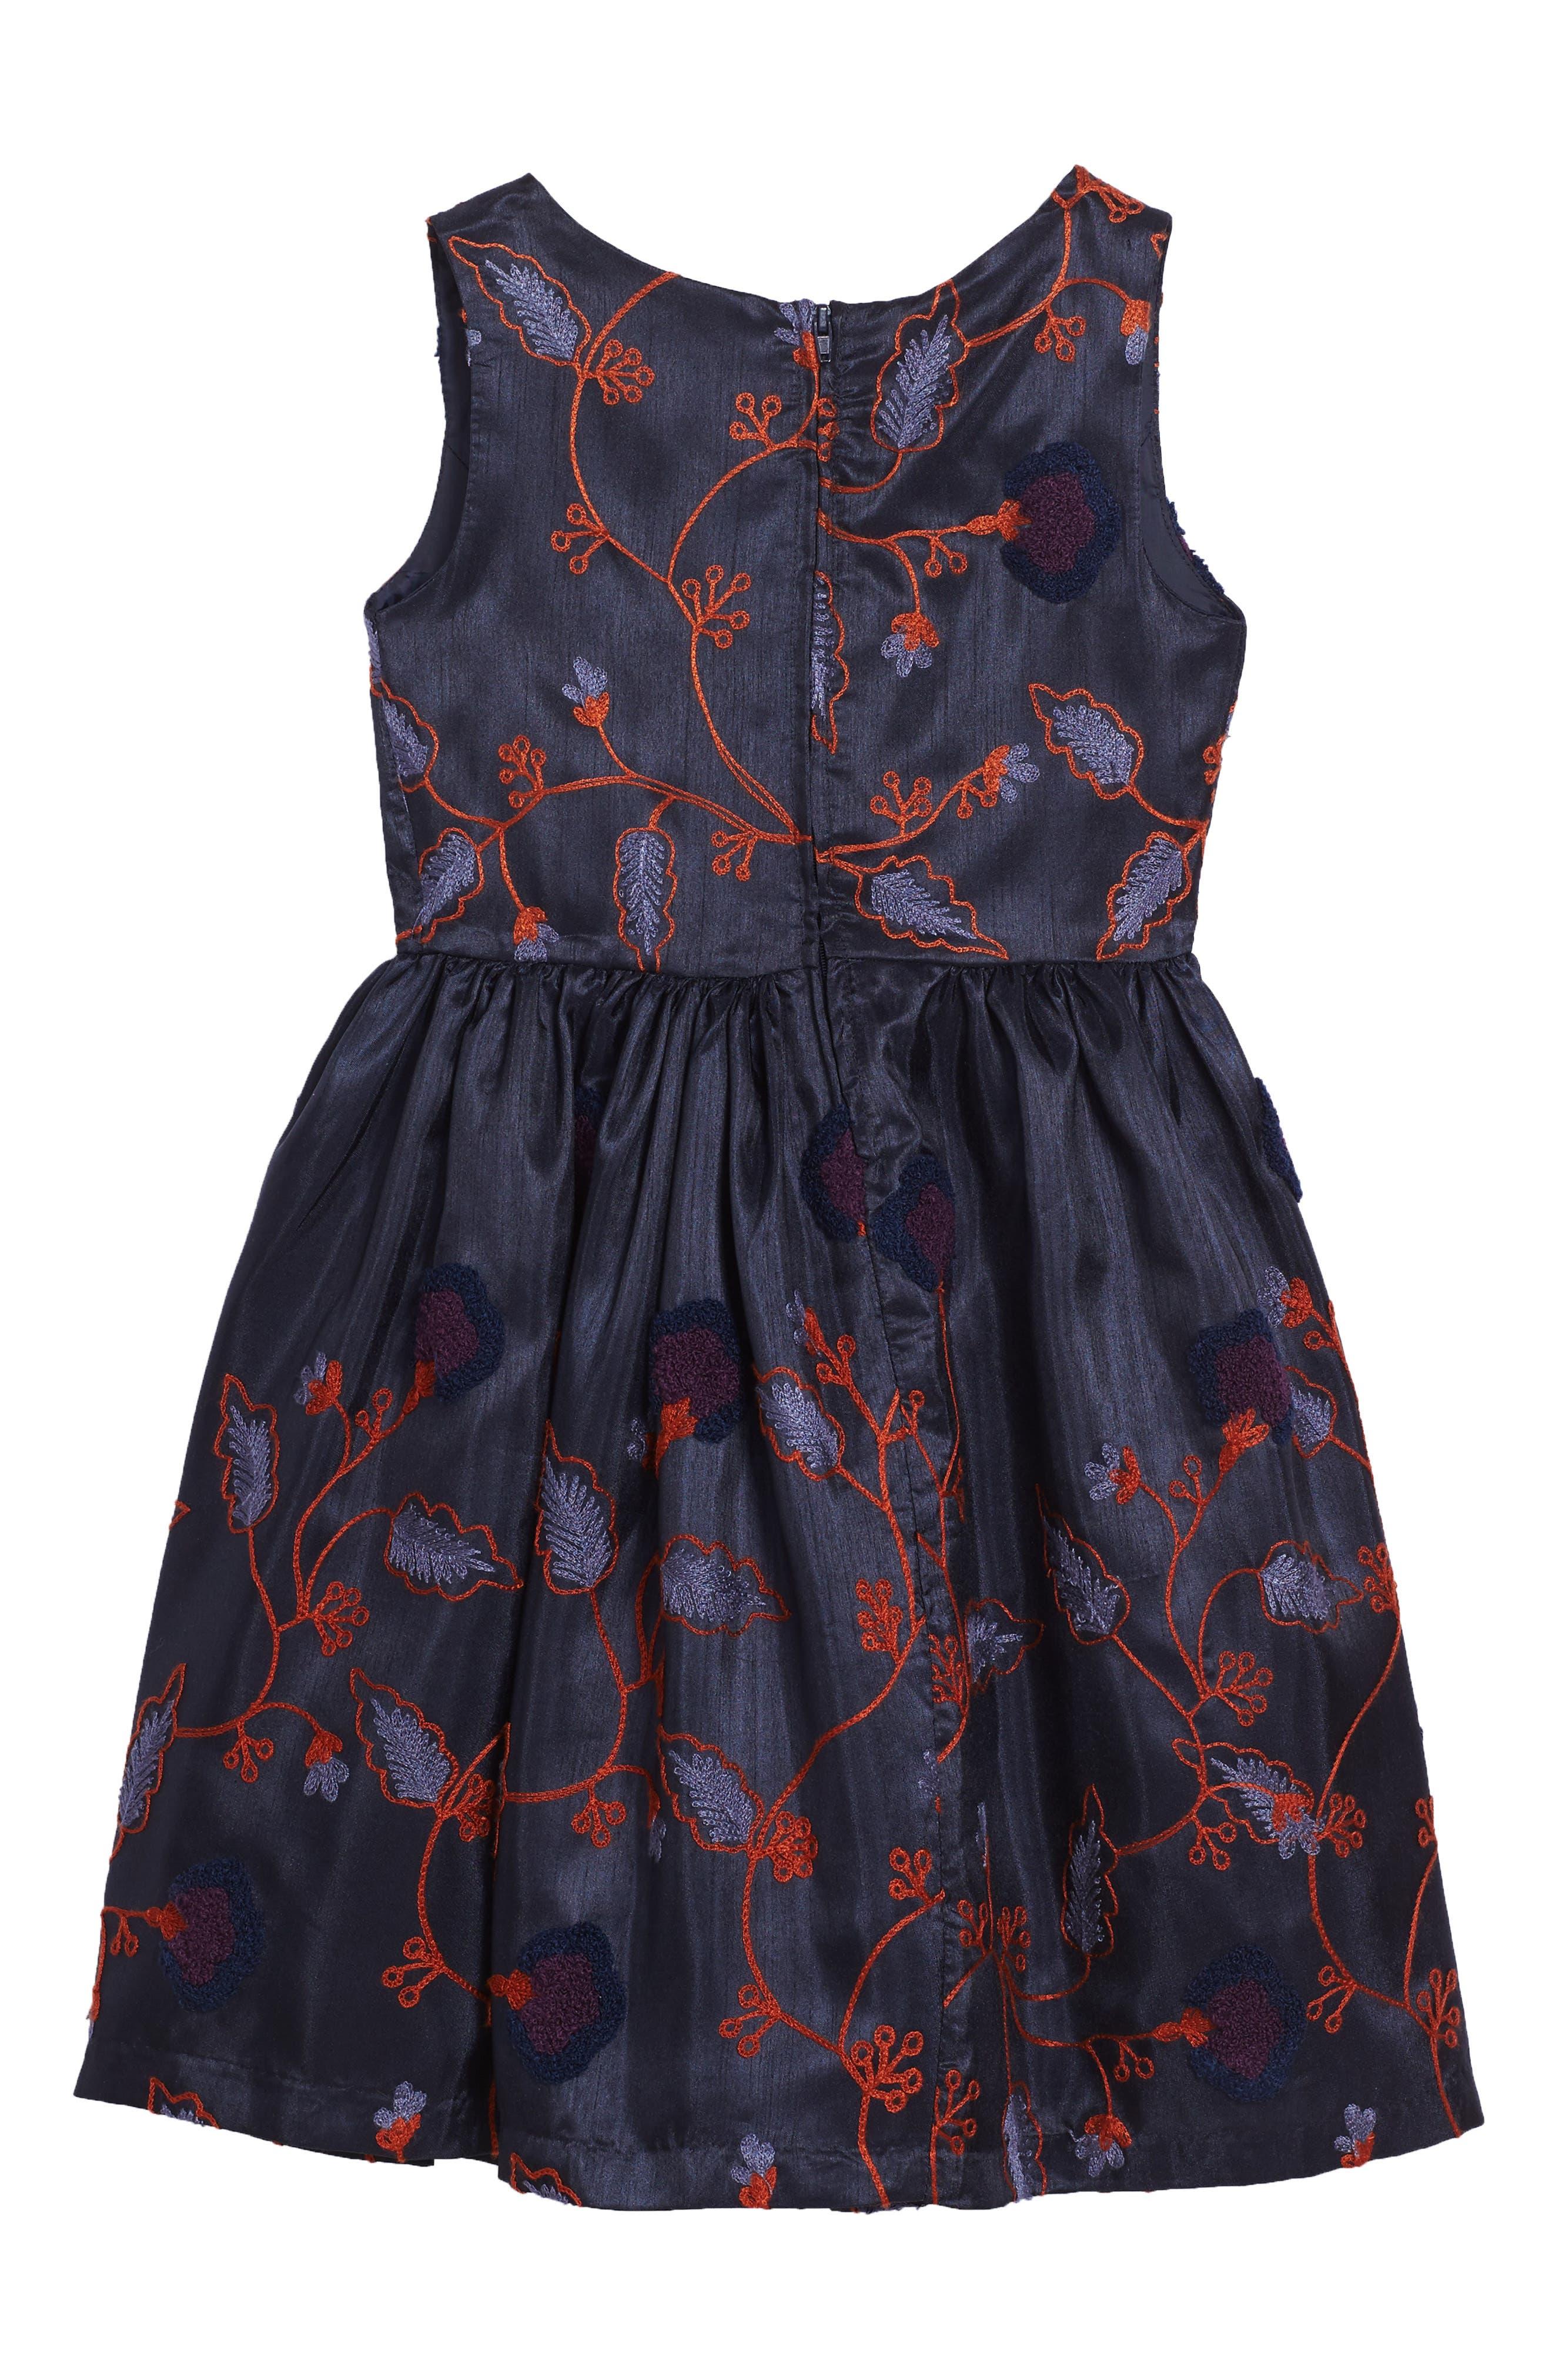 Alternate Image 2  - Frais Embroidered Floral Dress (Toddler Girls, Little Girls & Big Girls)